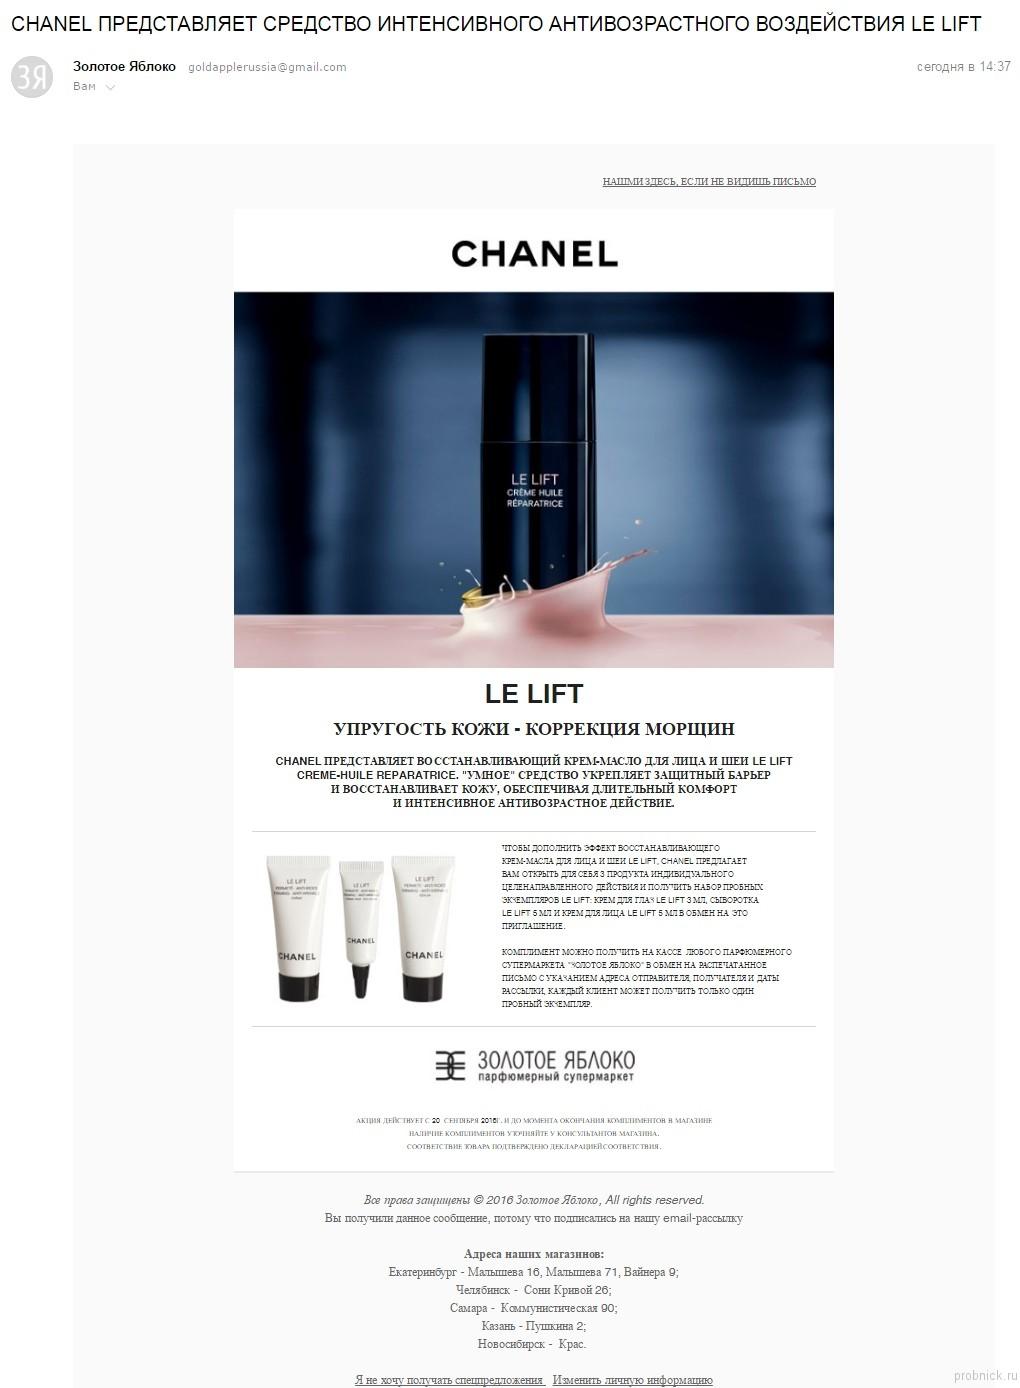 chanel_zya_coupon